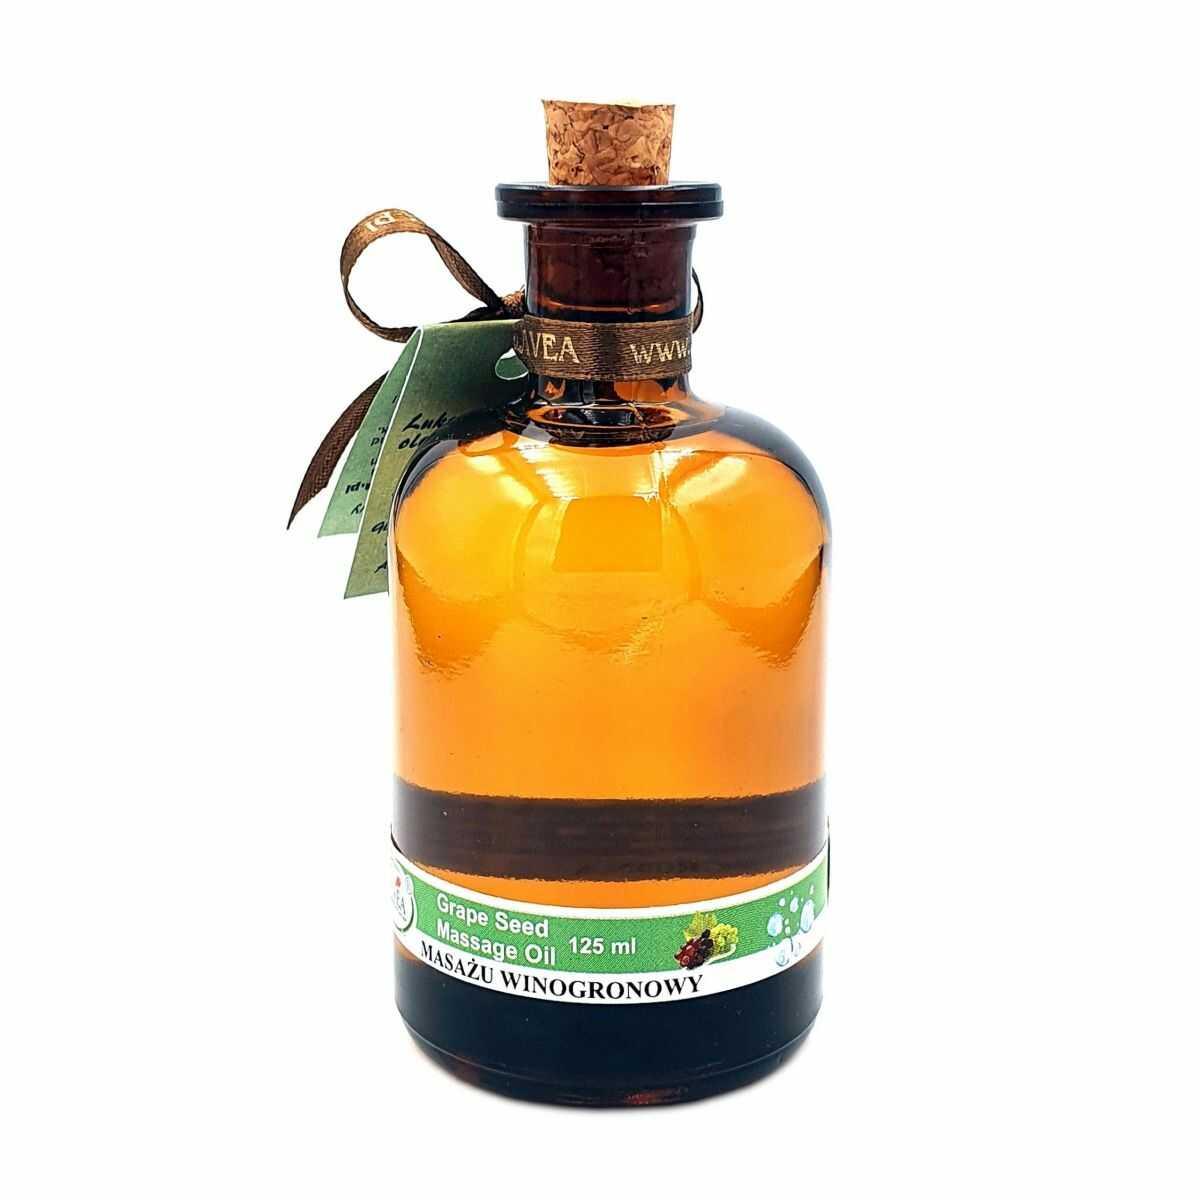 Luksusowy Olejek do Masażu - Winogrono - 110 ml - Lavea